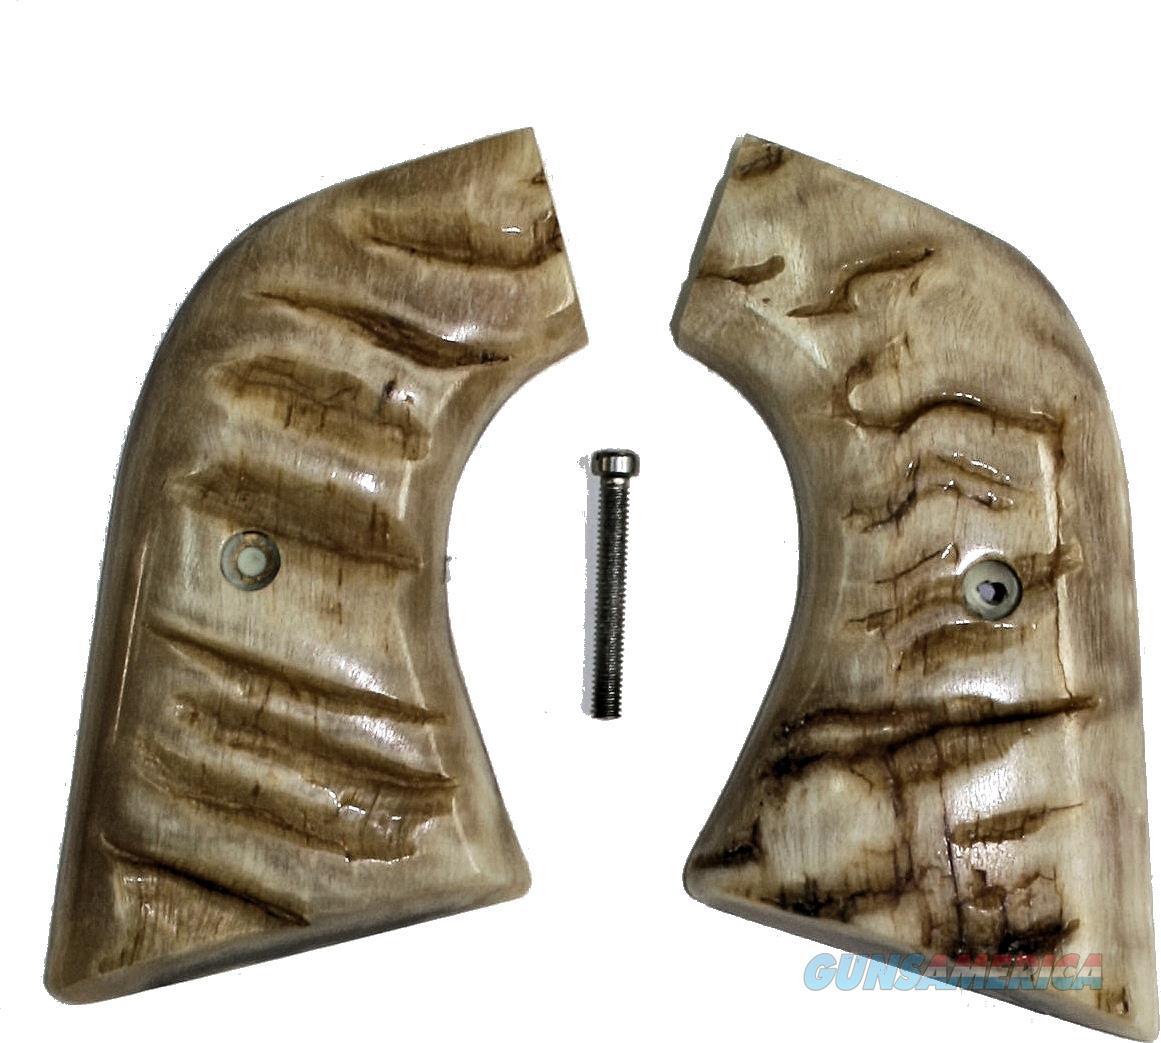 Ruger New Vaquero XR3 2005 Real Ram Horn Grips  Non-Guns > Gun Parts > Grips > Cowboy